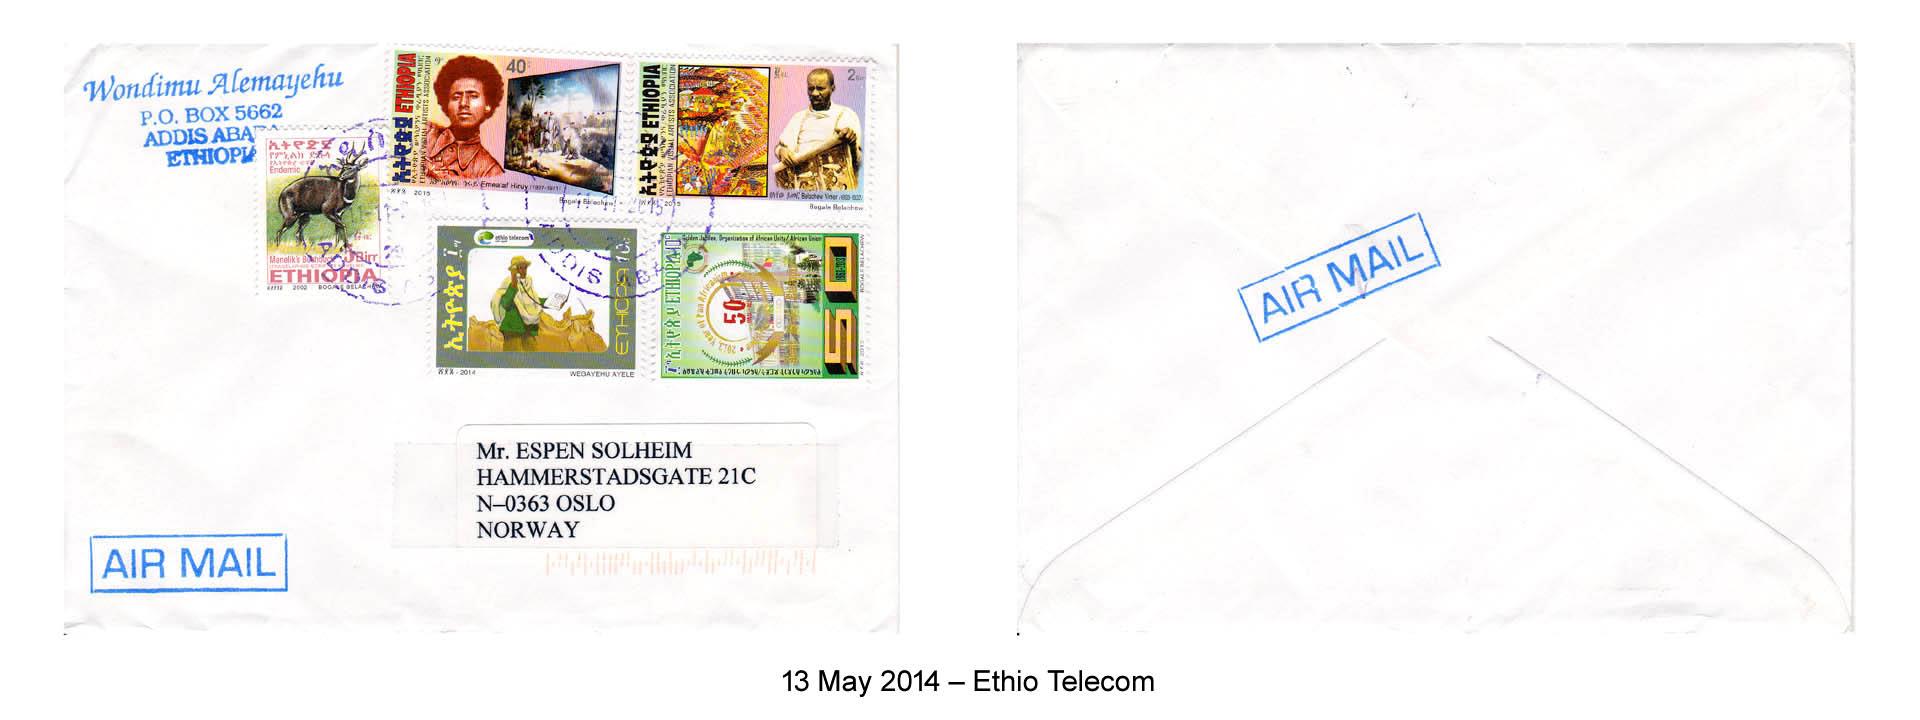 20140513 – Ethio Telecom